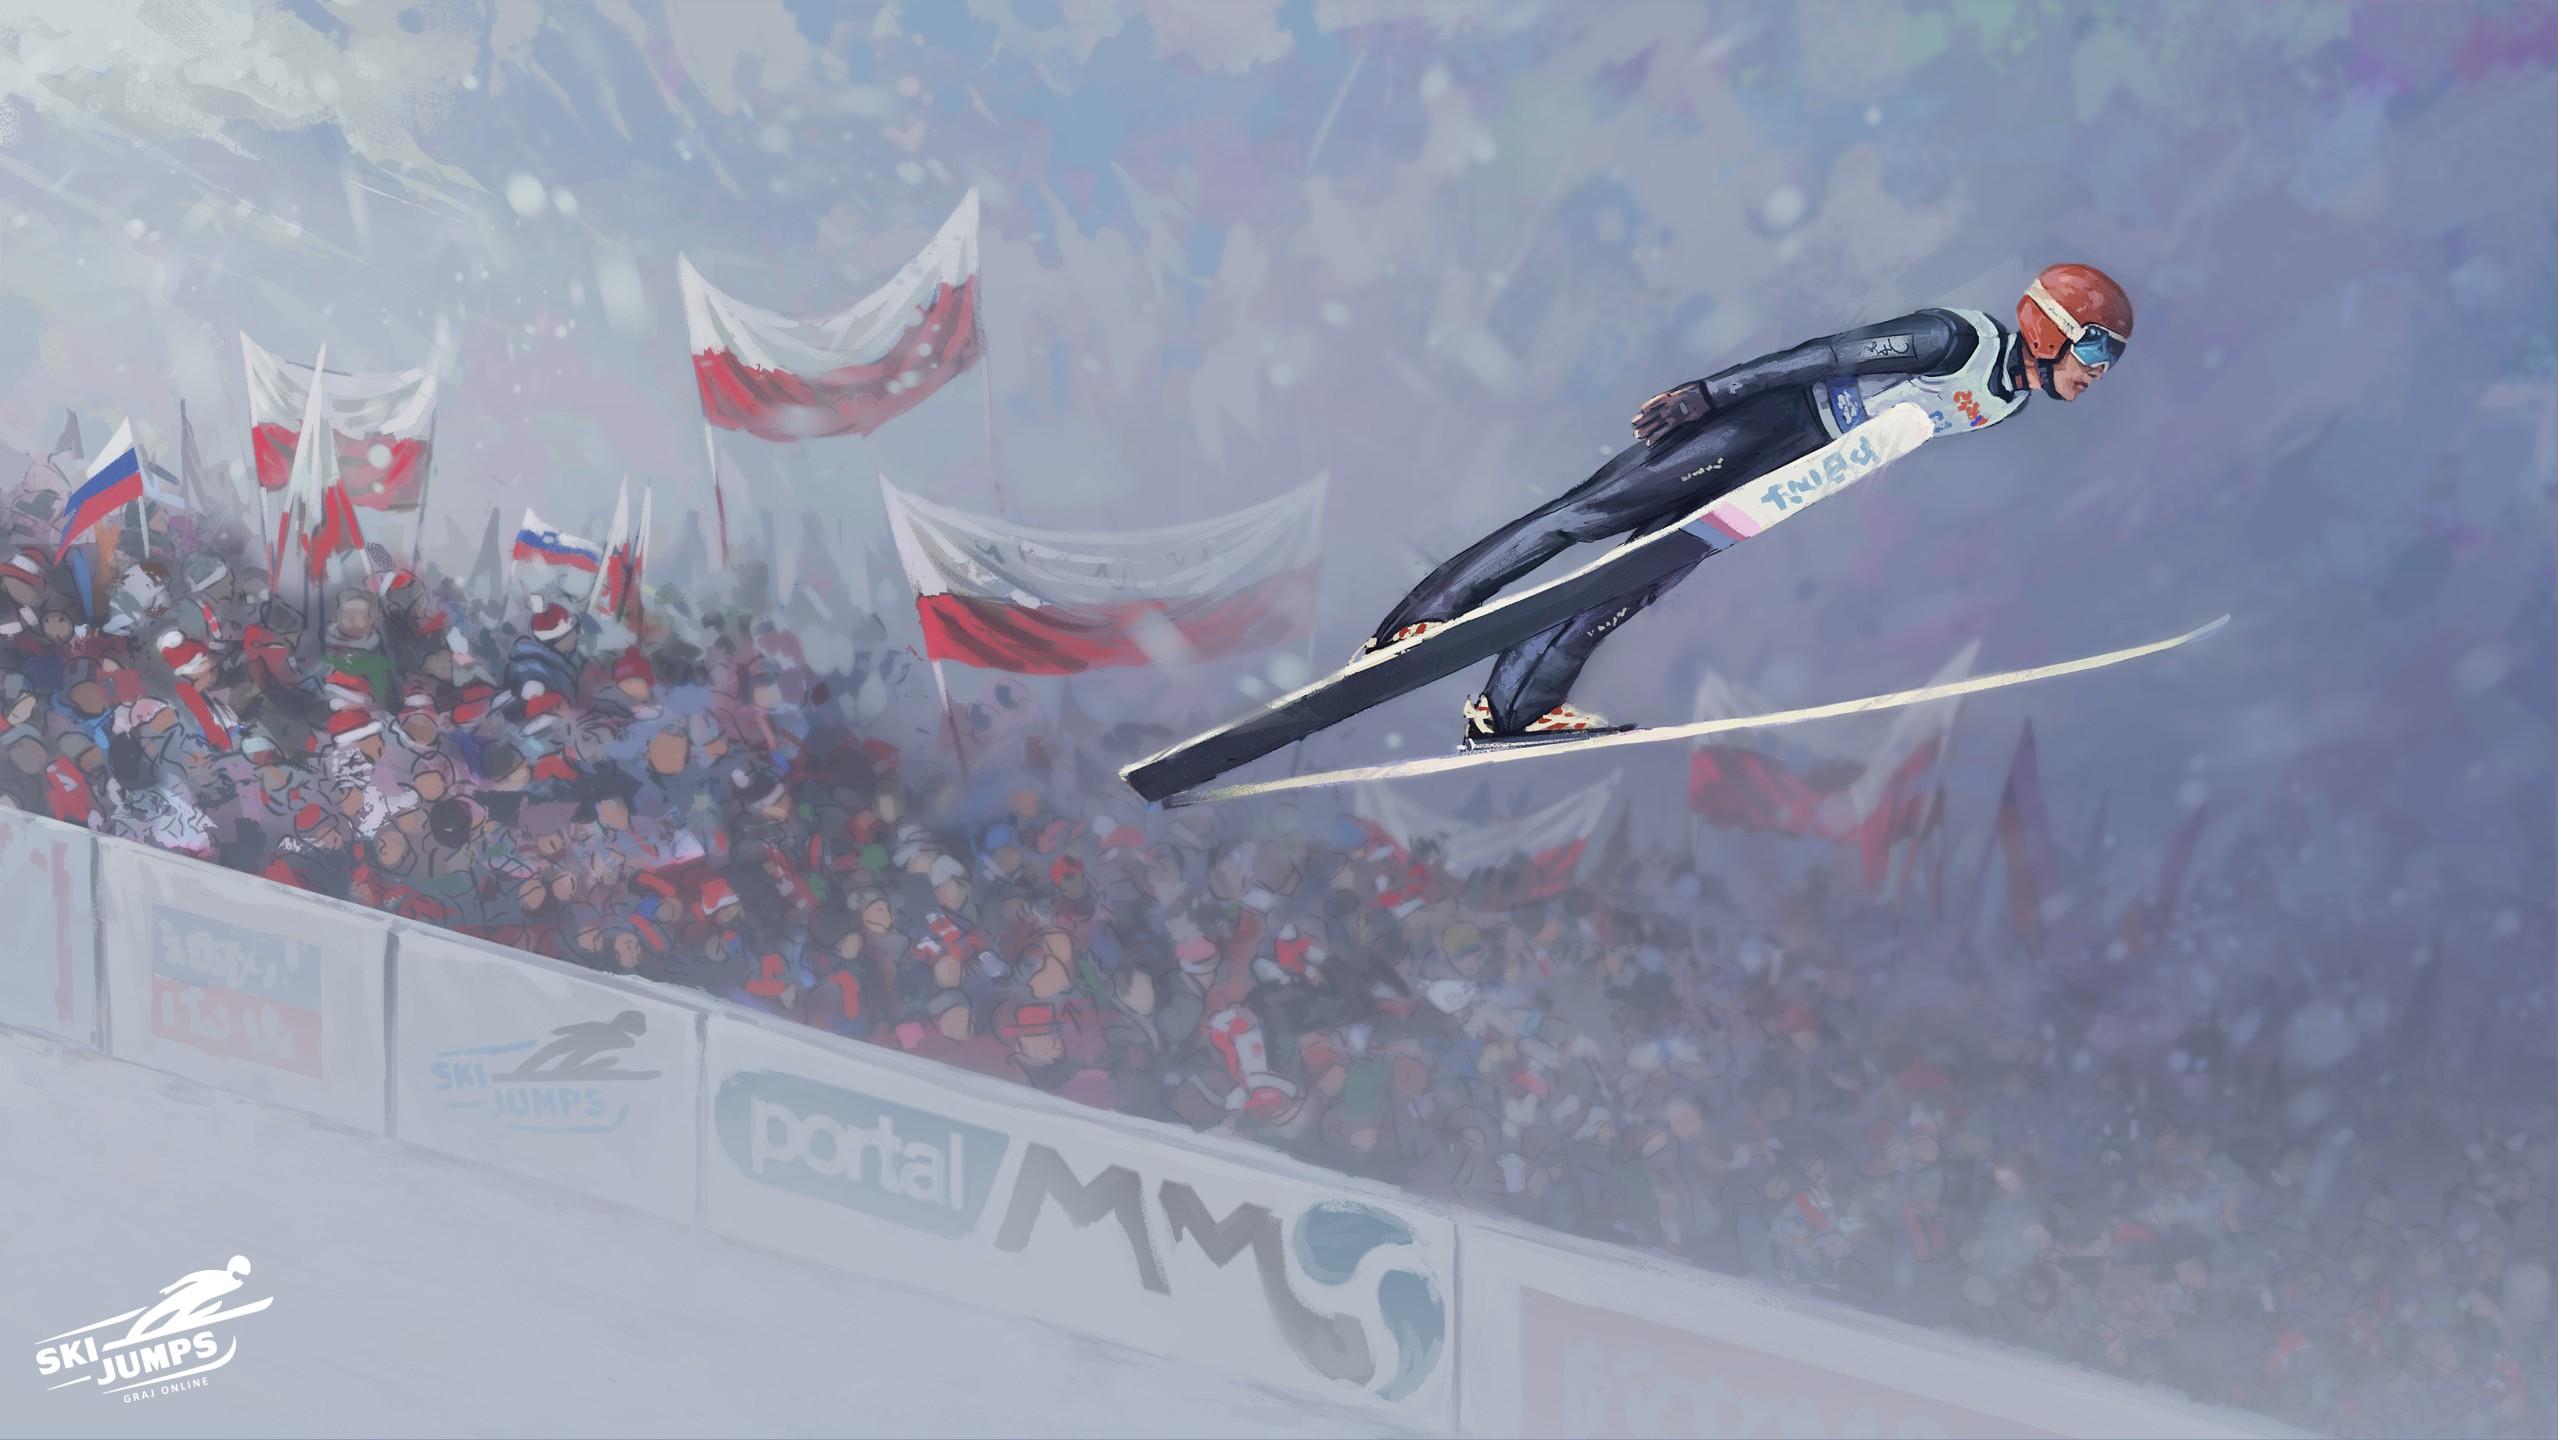 ski online ski jumps